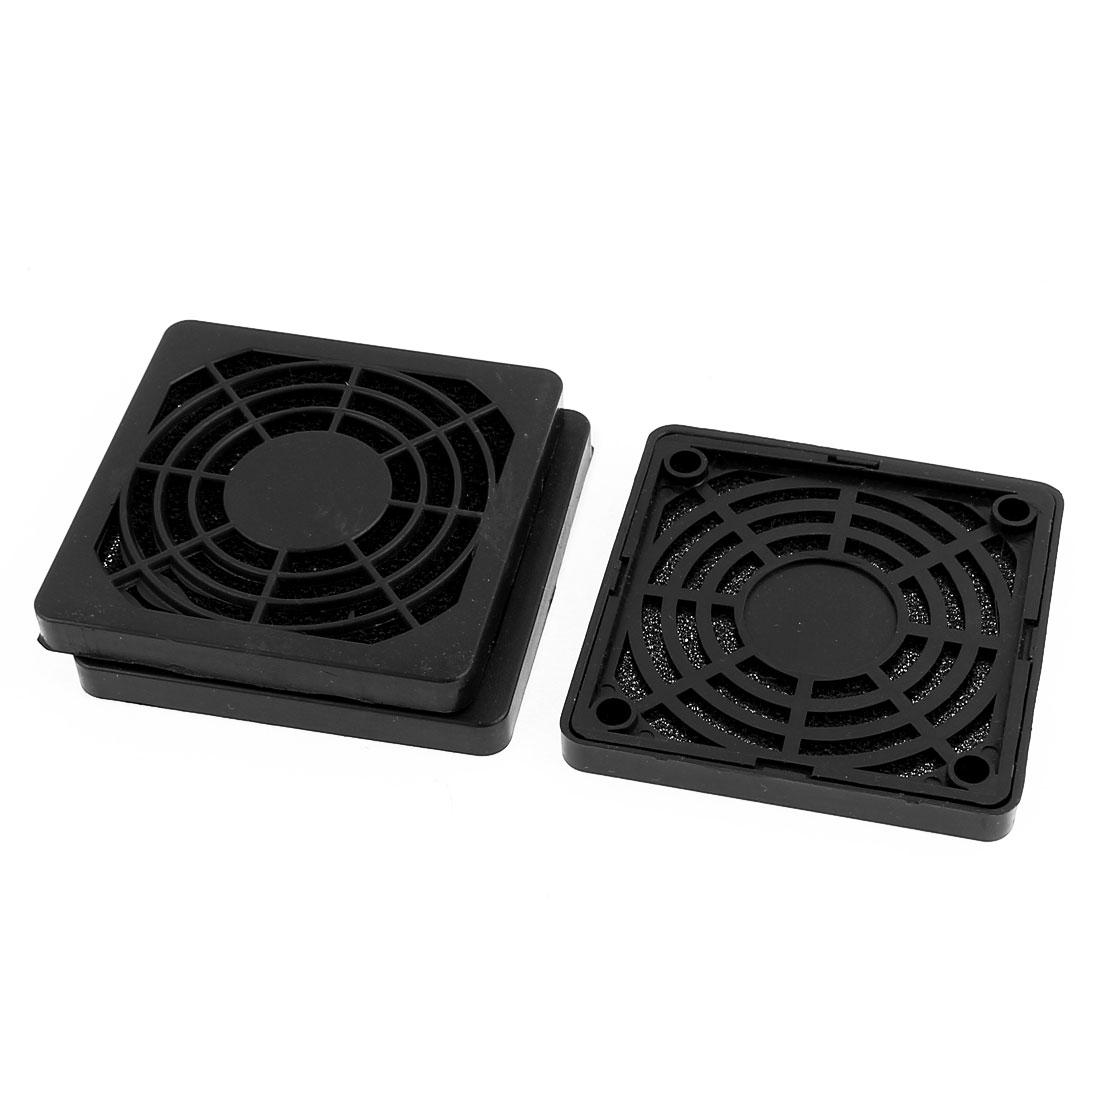 3pcs 65mm x 65mm Dustproof Case PC Computer Case Fan Dust Filter